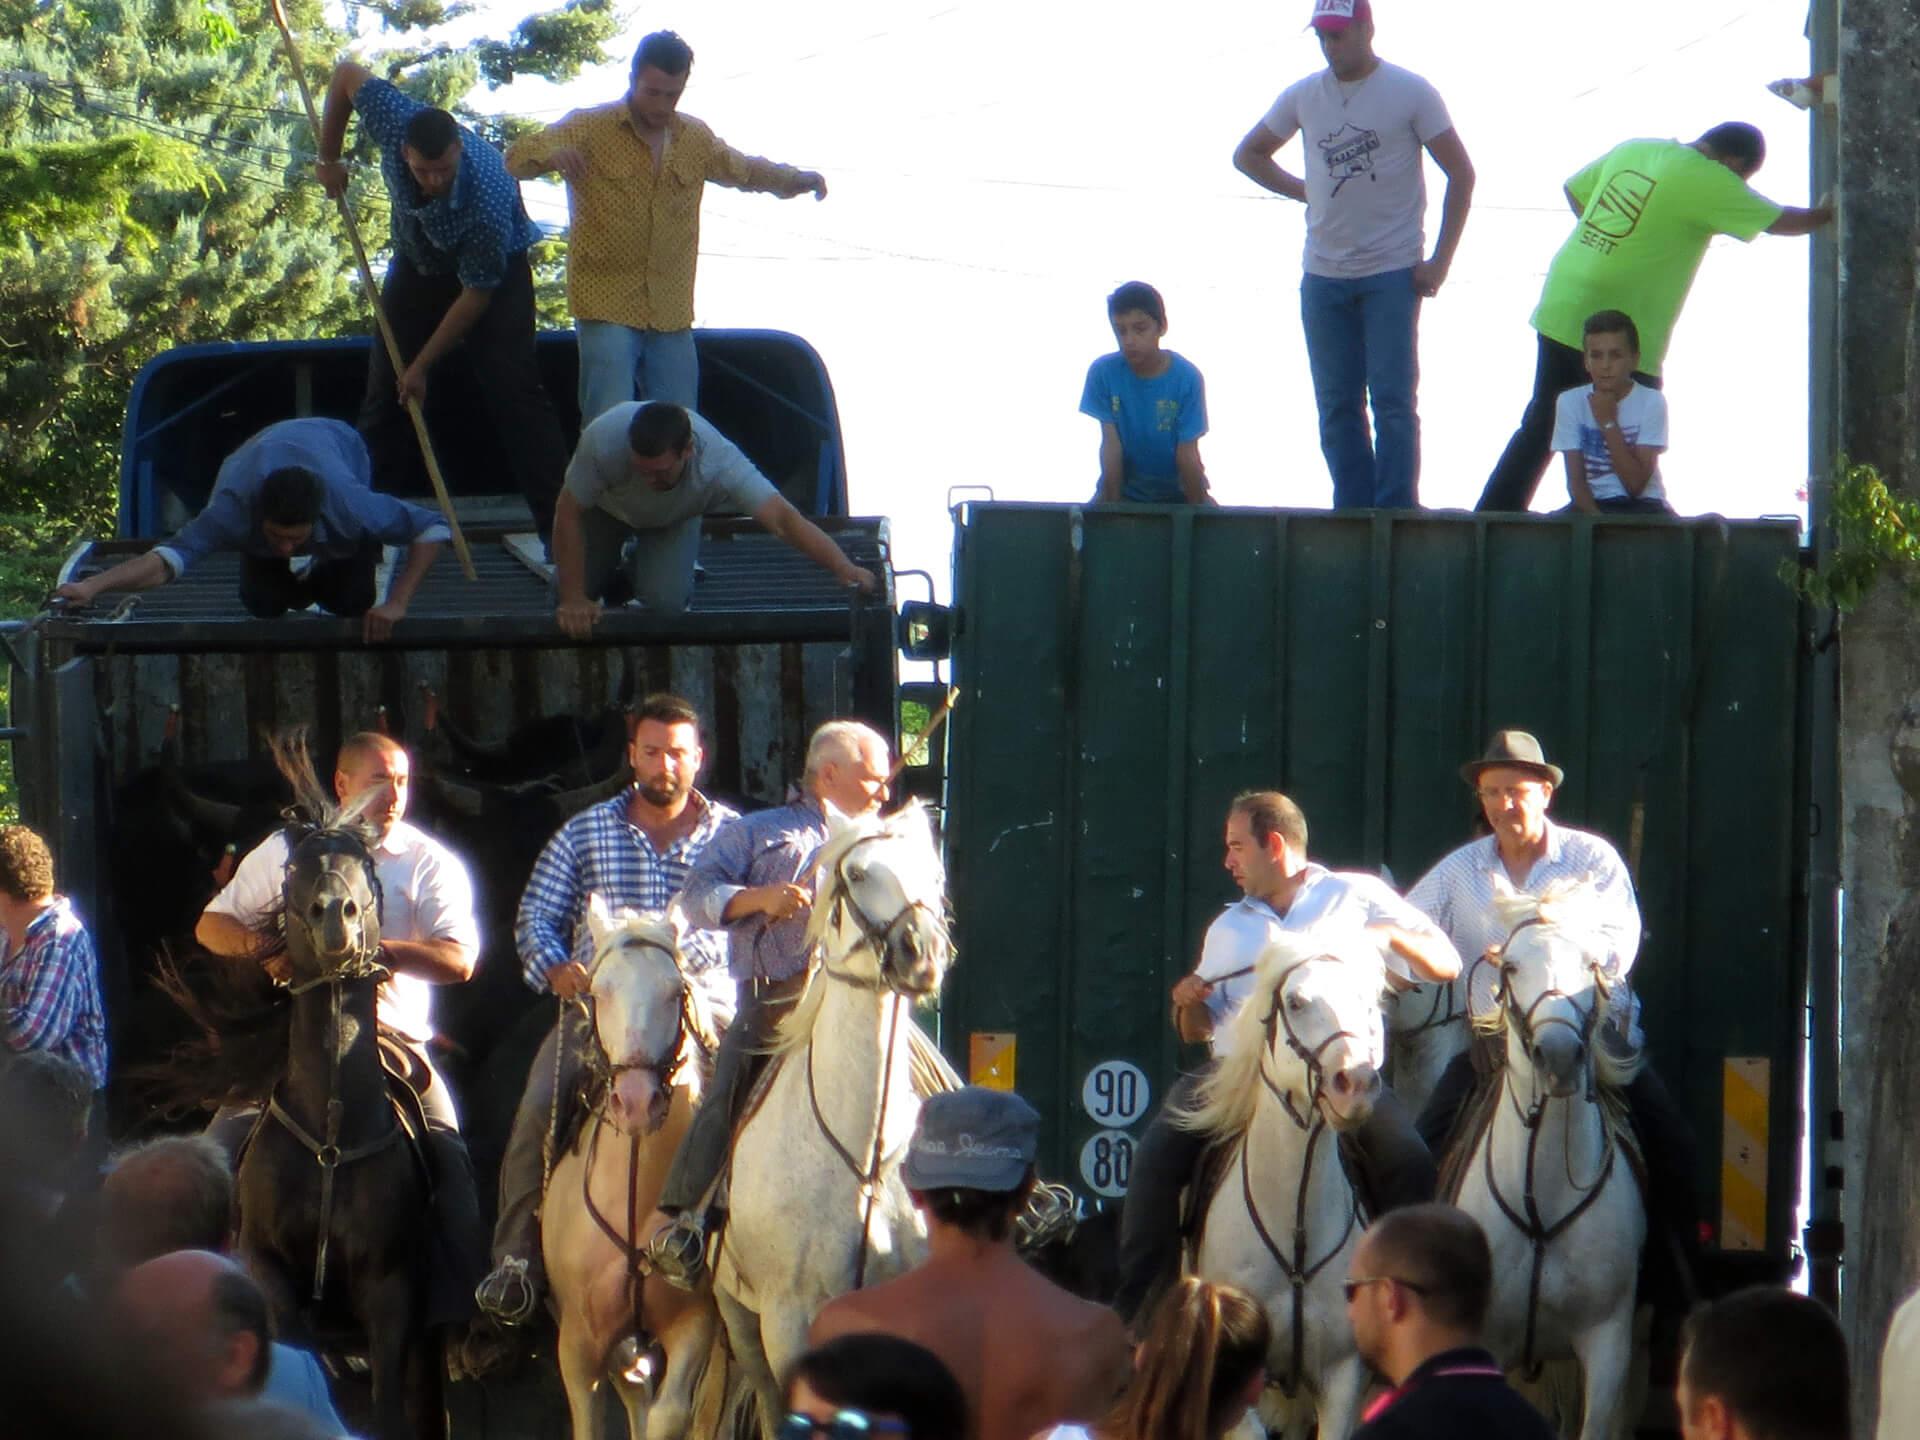 Lâcher des taureaux dans une fête votive